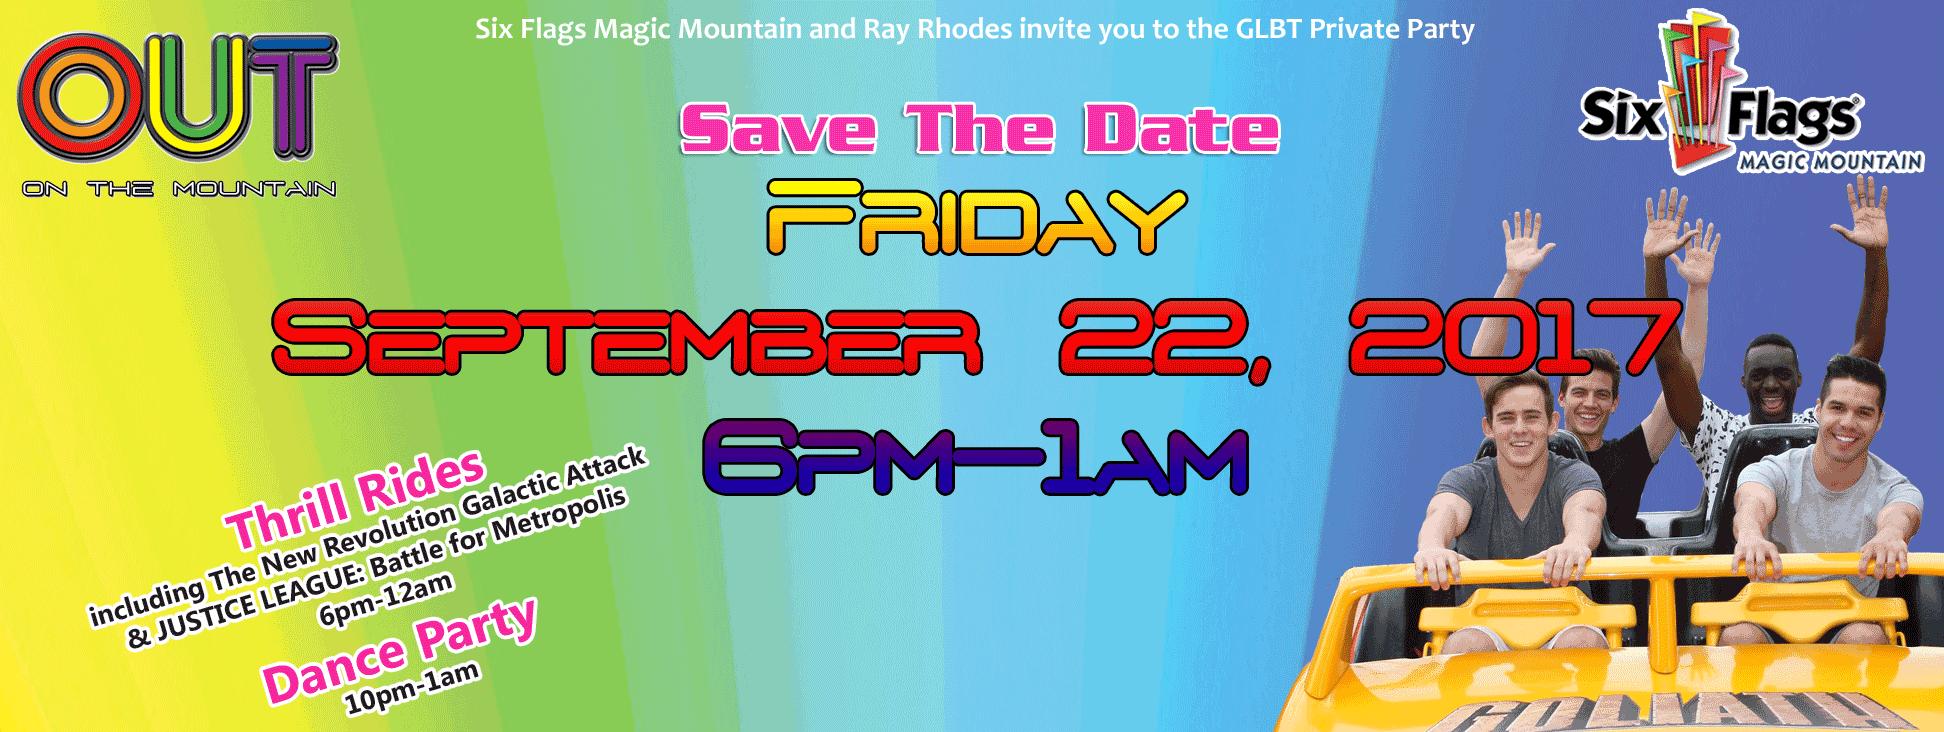 Gay Night At Magic Mountain Los Angeles Ca Usa